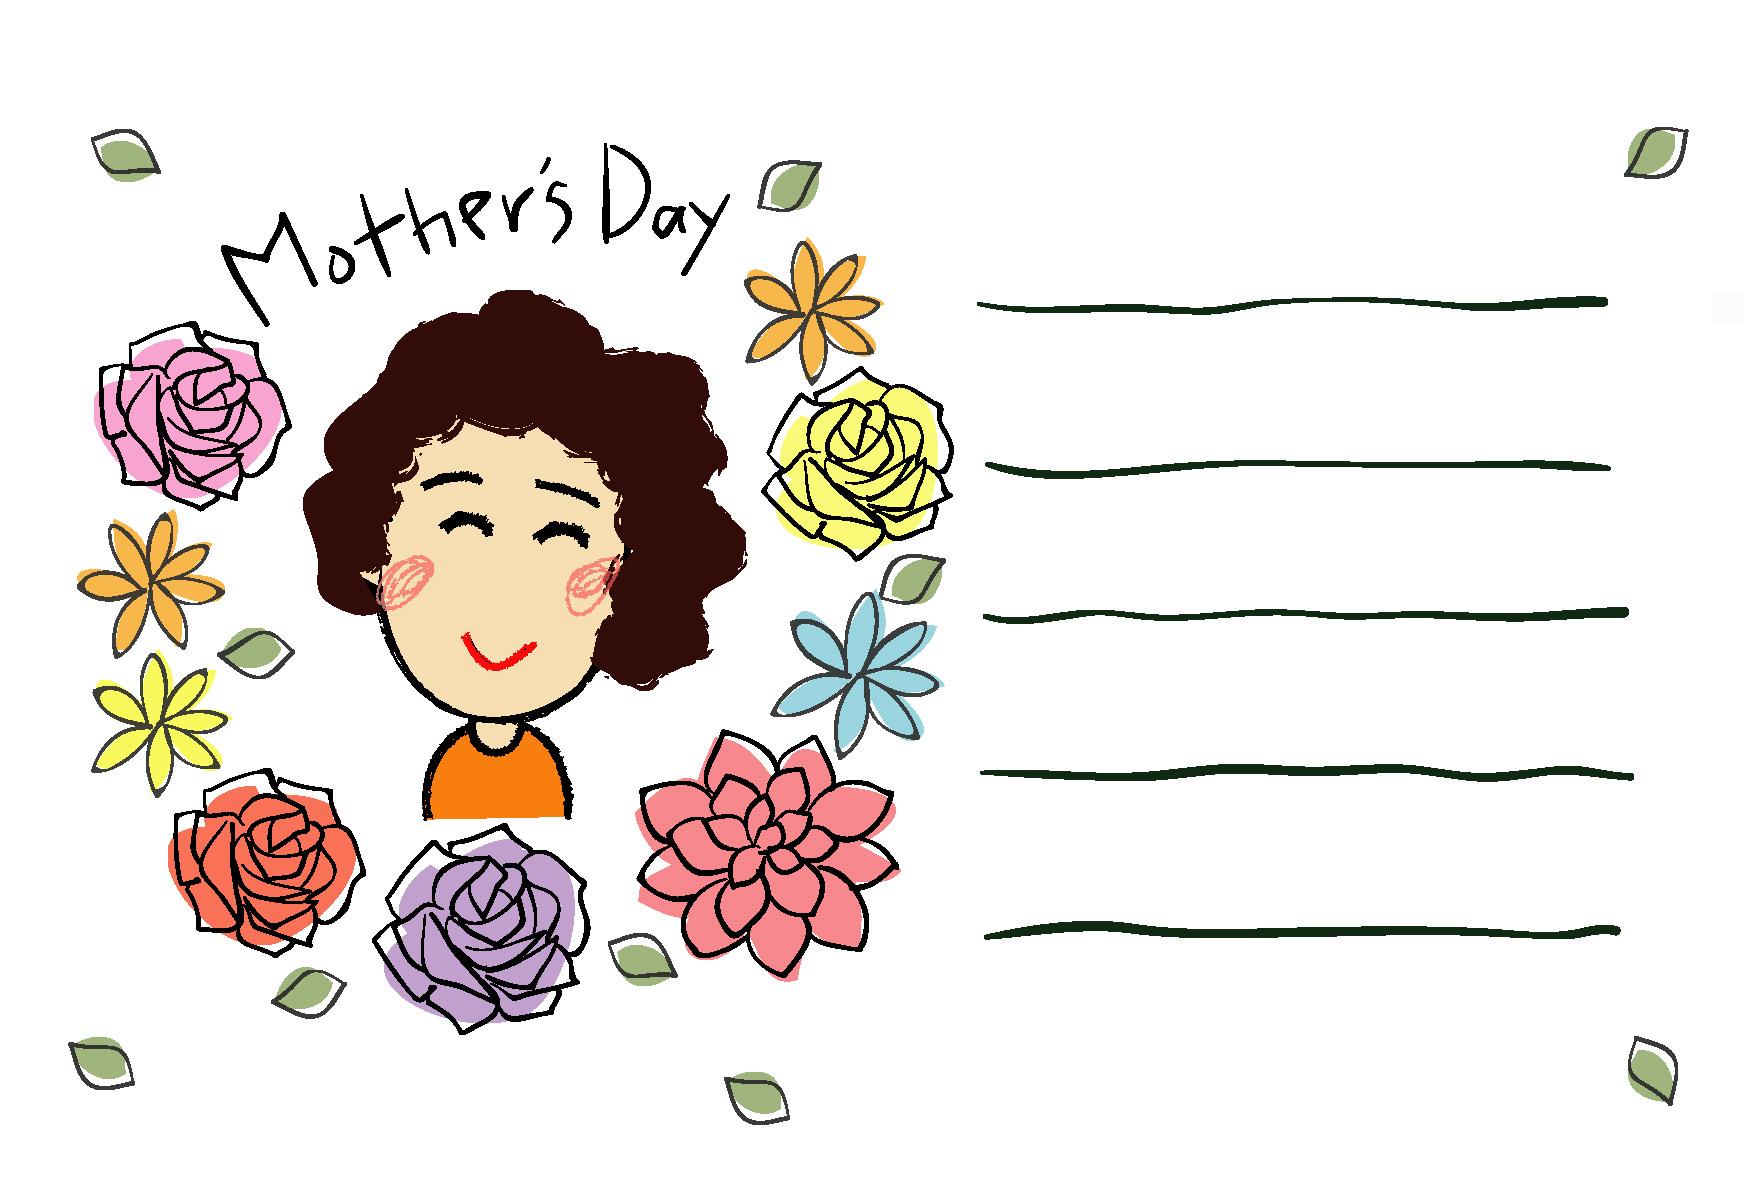 母の日・笑顔のお母さん」ダウンロード|かわいい無料イラスト 印刷素材